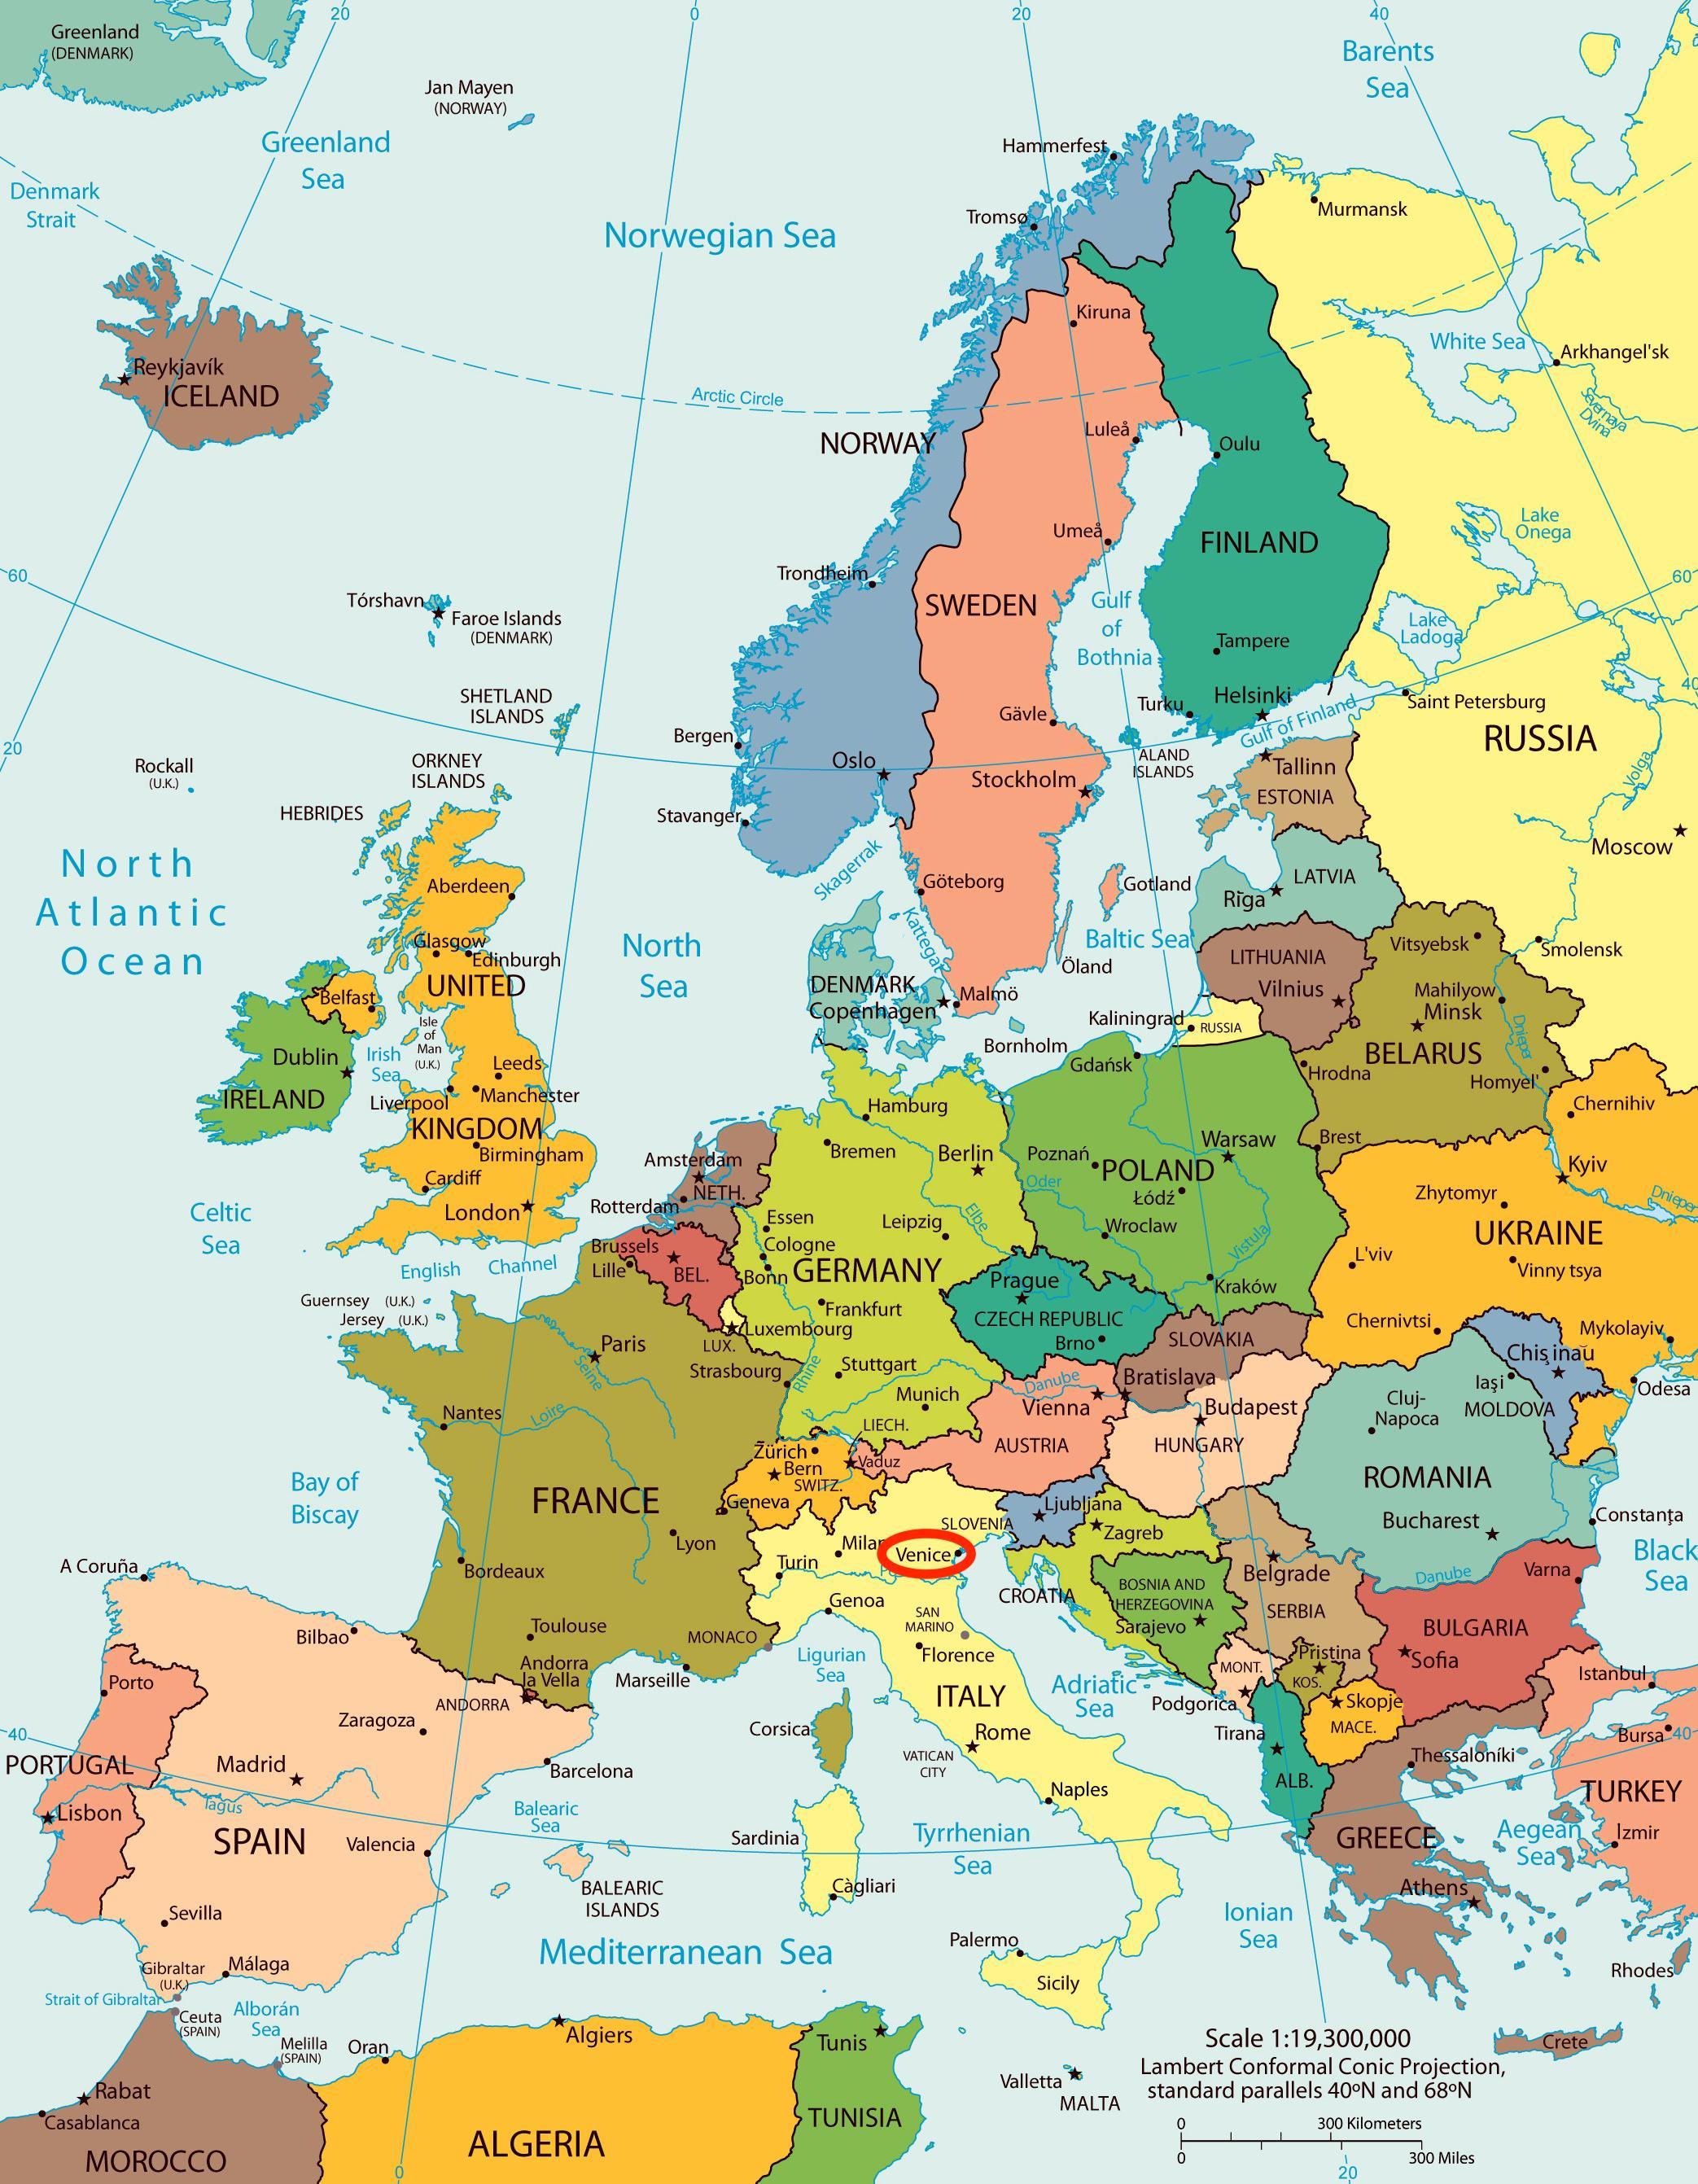 Gammal Karta Italien.Karta Over Venedig Europa Karta For Karta Over Venedig Europa